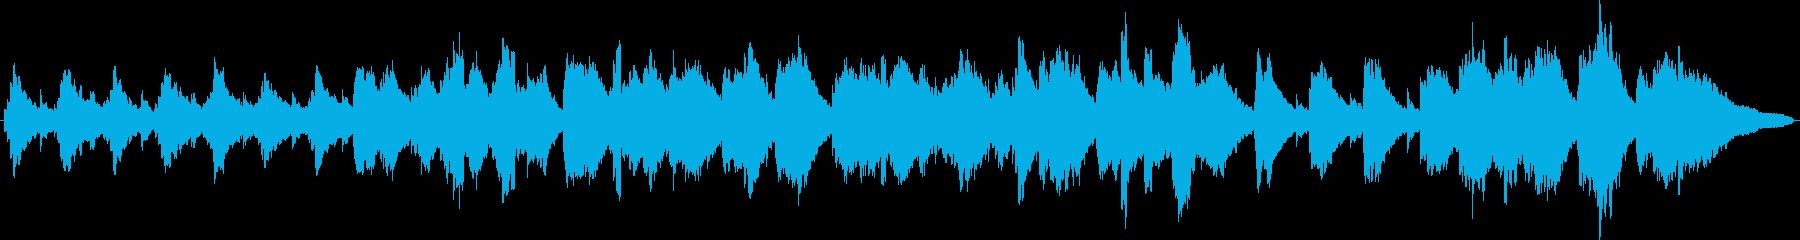 ローズピアノの眠くなるBGM2の再生済みの波形